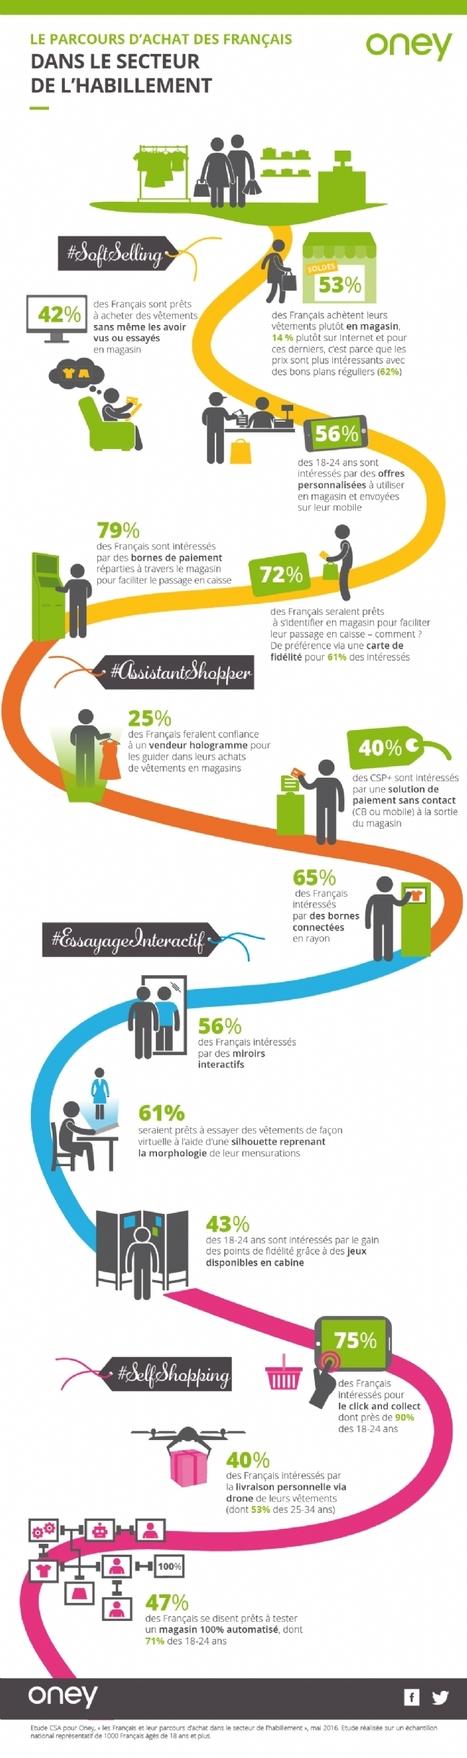 Shopping augmenté: quelles sont les tendances? | ADN Web Marketing | Scoop.it